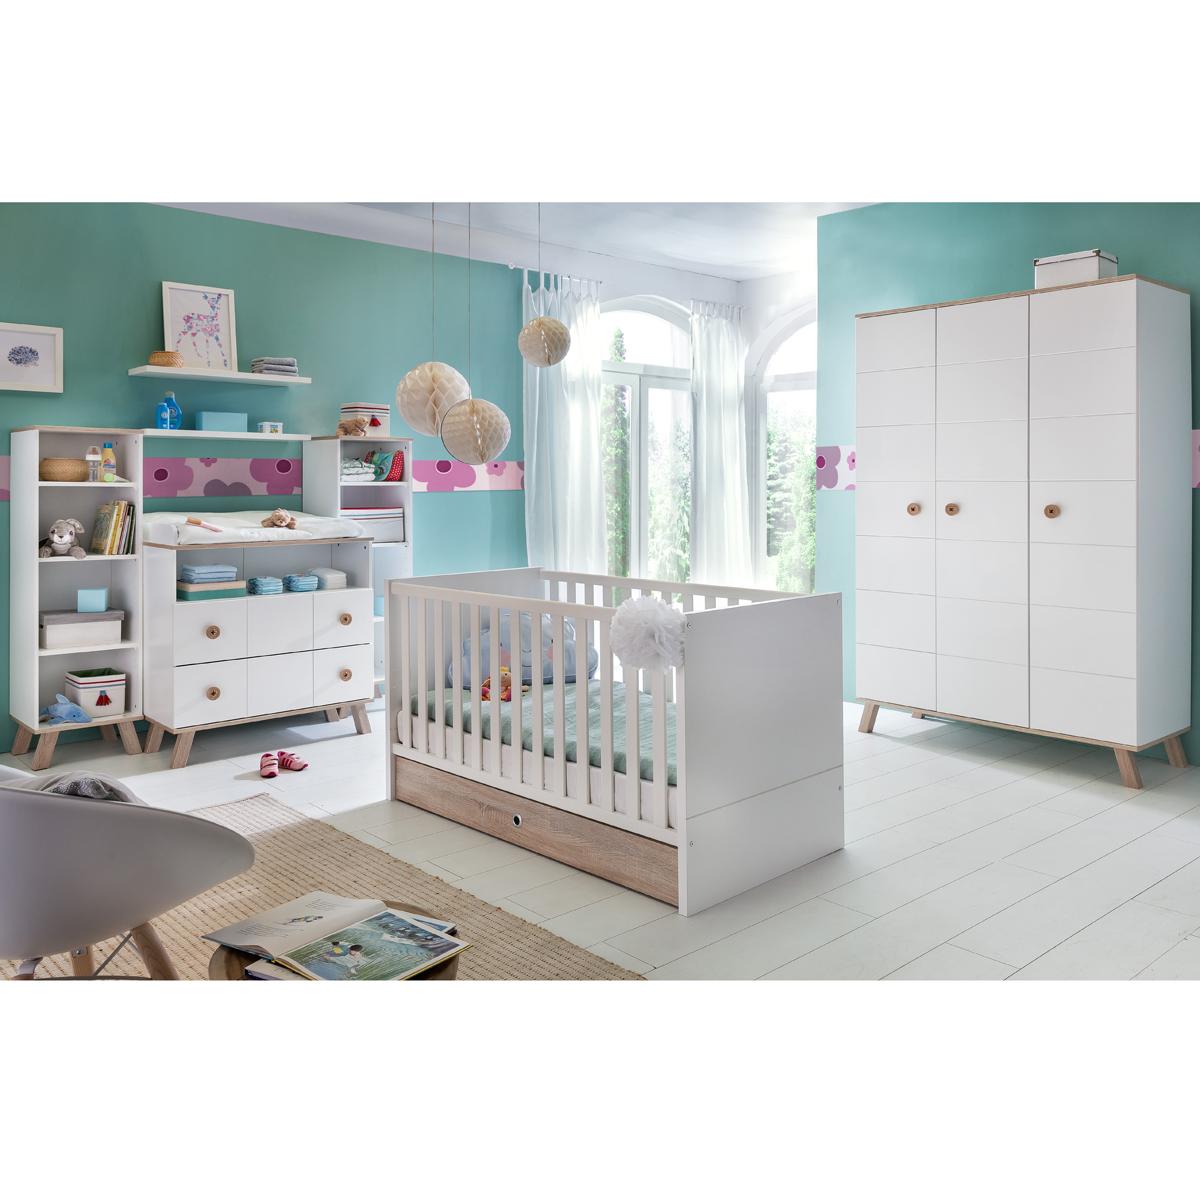 Babyzimmer set billu kinderzimmer baby erstausstattung wei eiche komplettset ebay - Baby kinderzimmer set ...